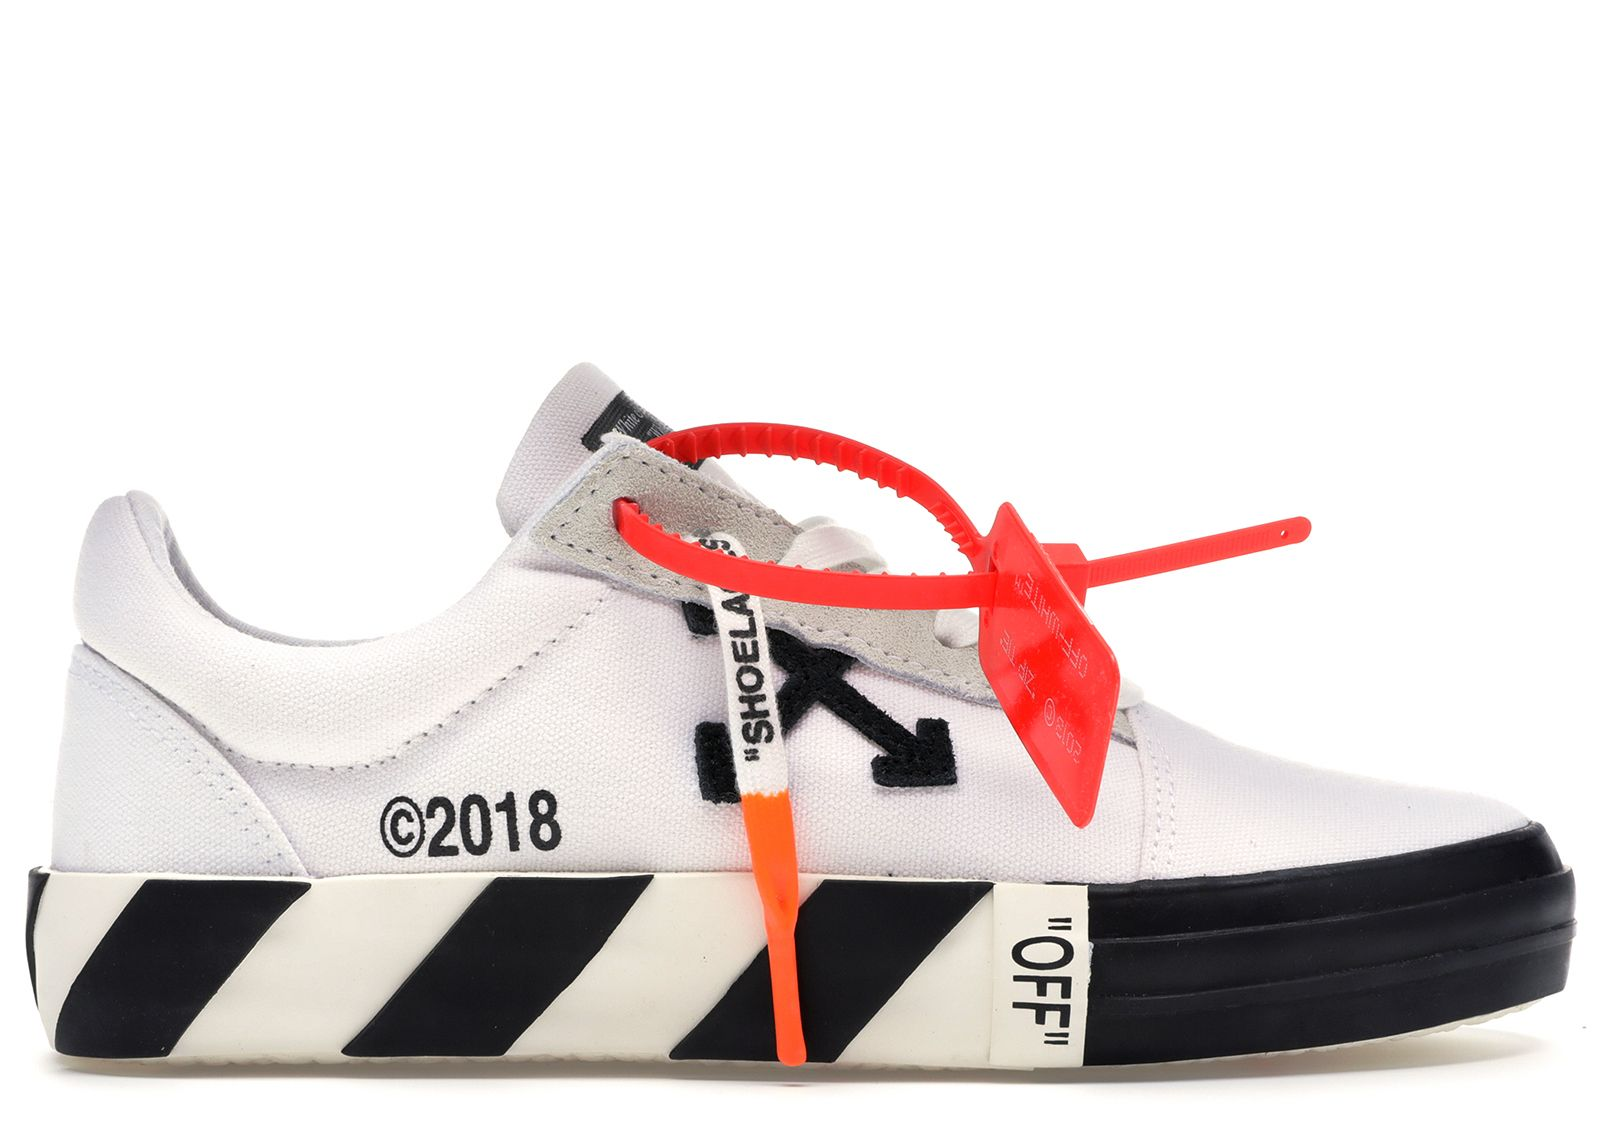 off white vulc 2019